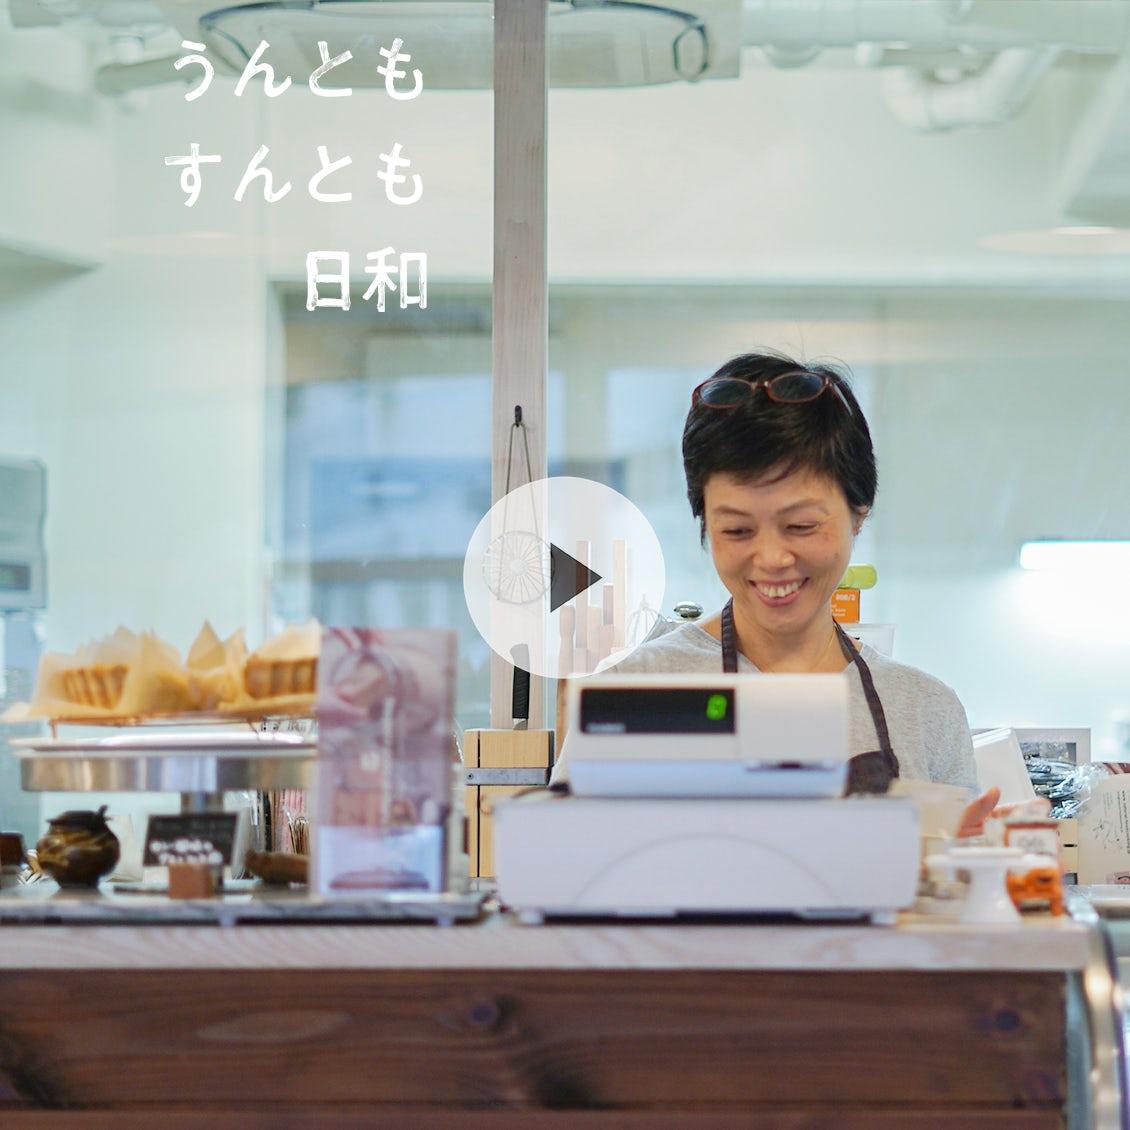 【密着!】ゆるゆるでもいい、今やれるやり方で。仕事と子育てを通じて伝えたい選ぶことの大切さ。フードスタイリスト・江口恵子さん